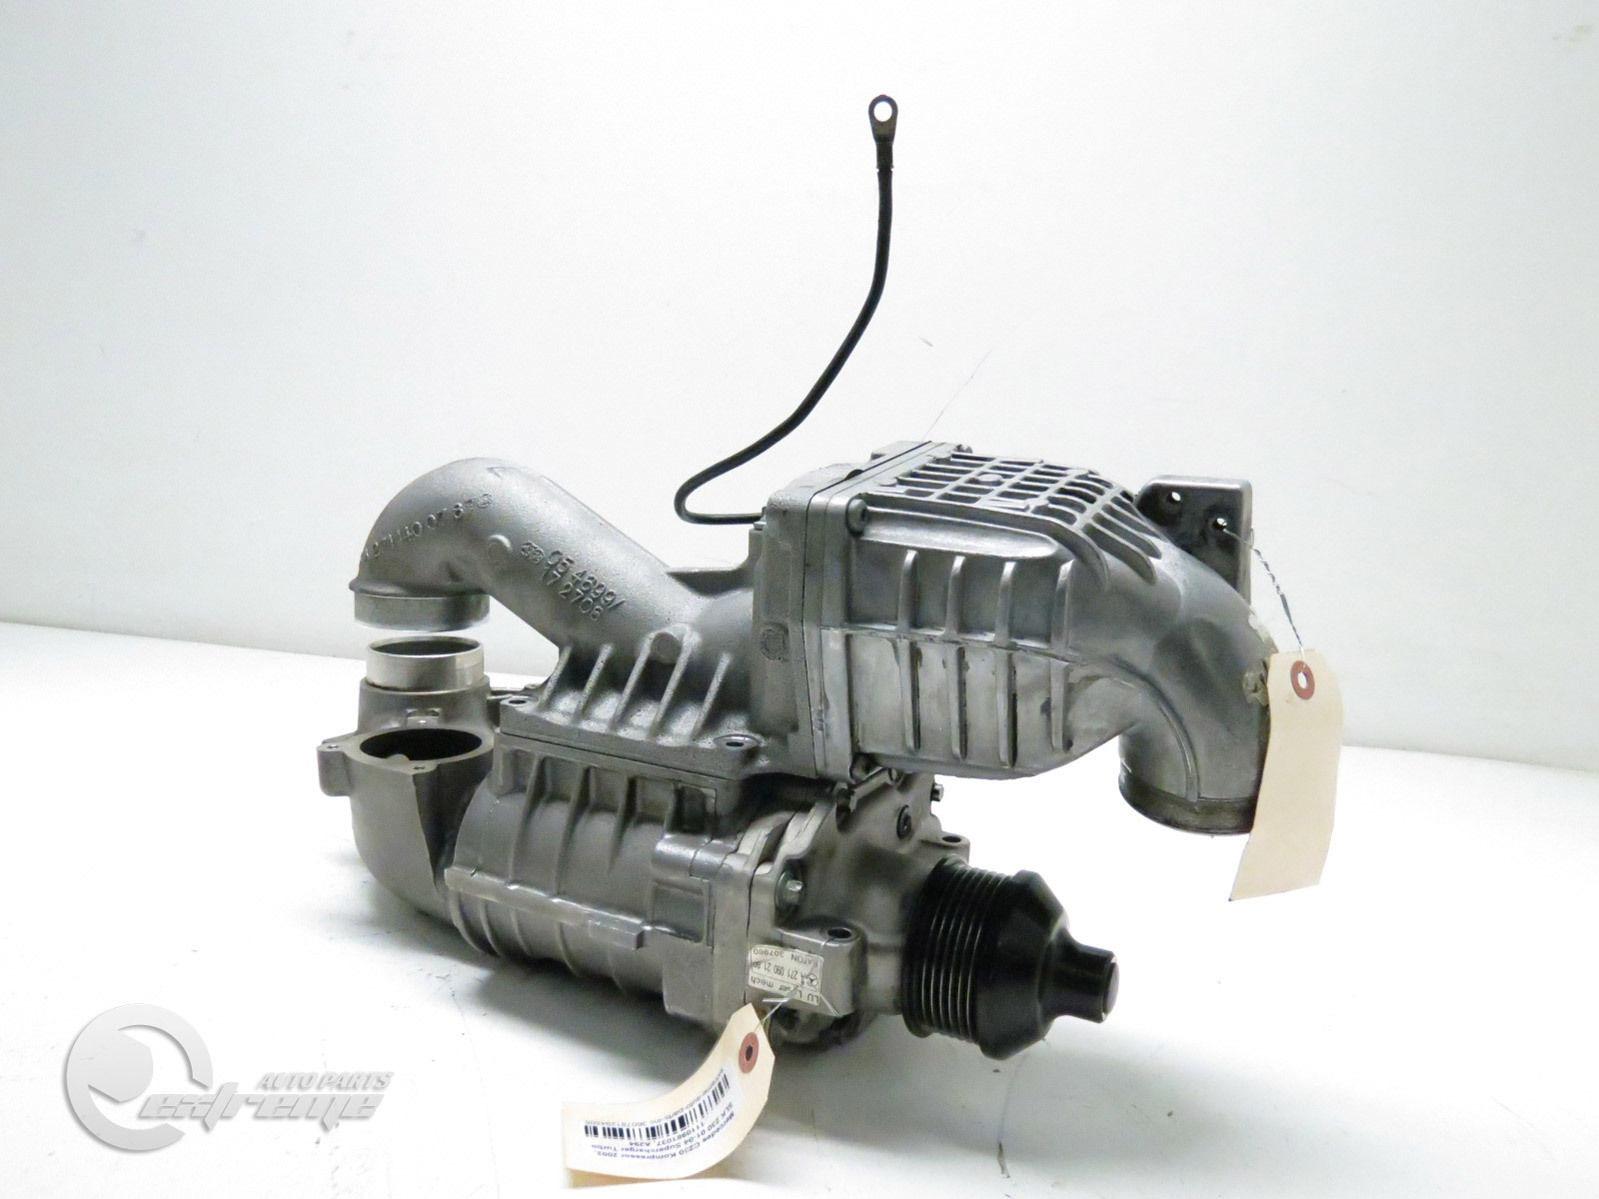 Mercedes c230 kompressor 2002 slk 230 supercharger turbo for Mercedes benz slk 230 kompressor parts